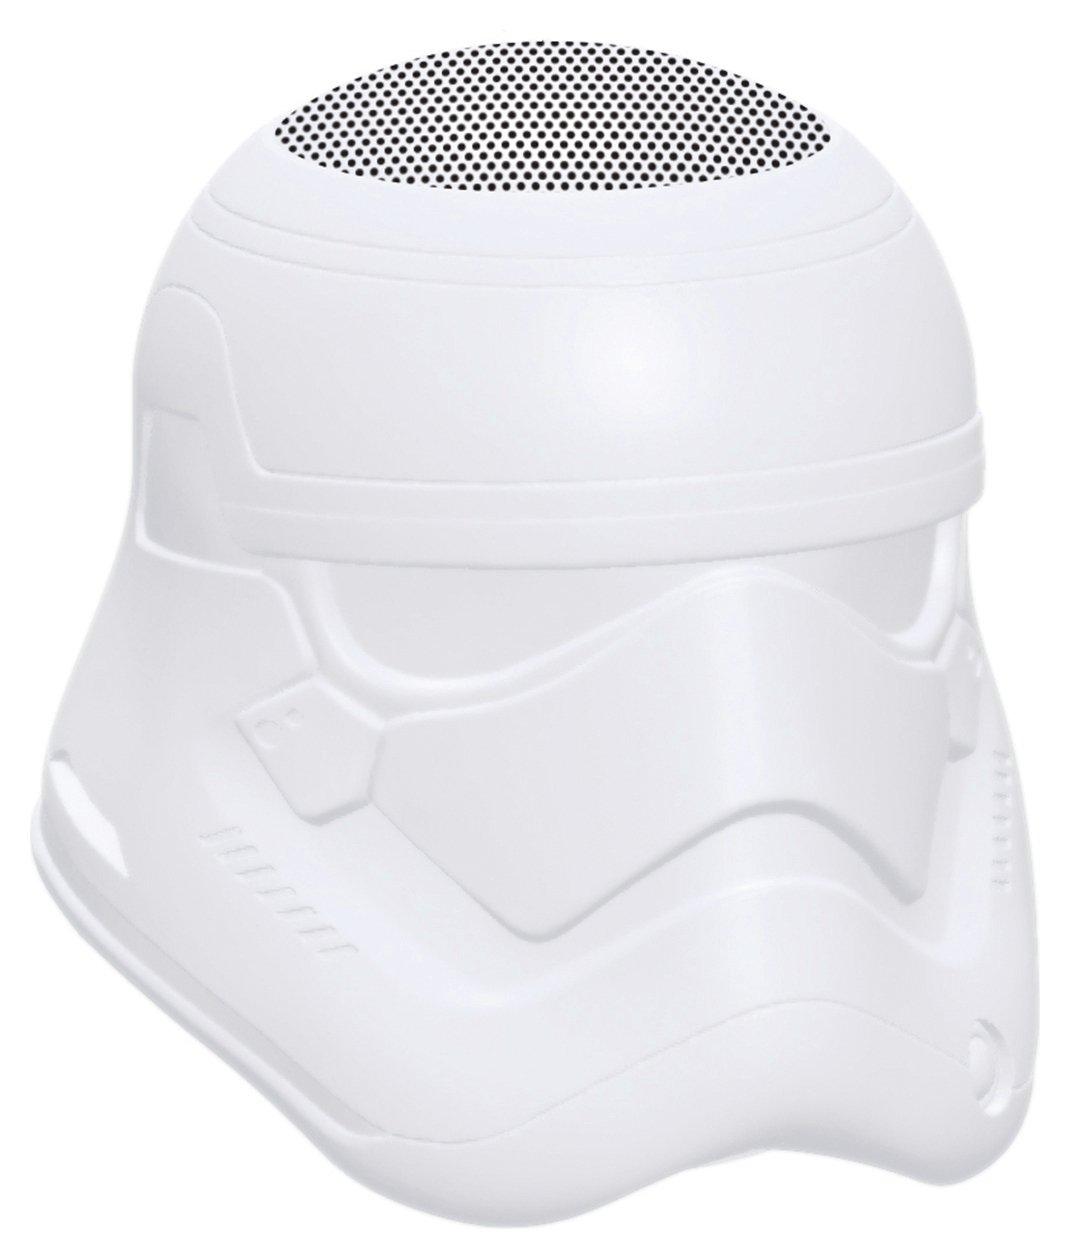 Decotech Stormtrooper Bluetooth Speaker and Light